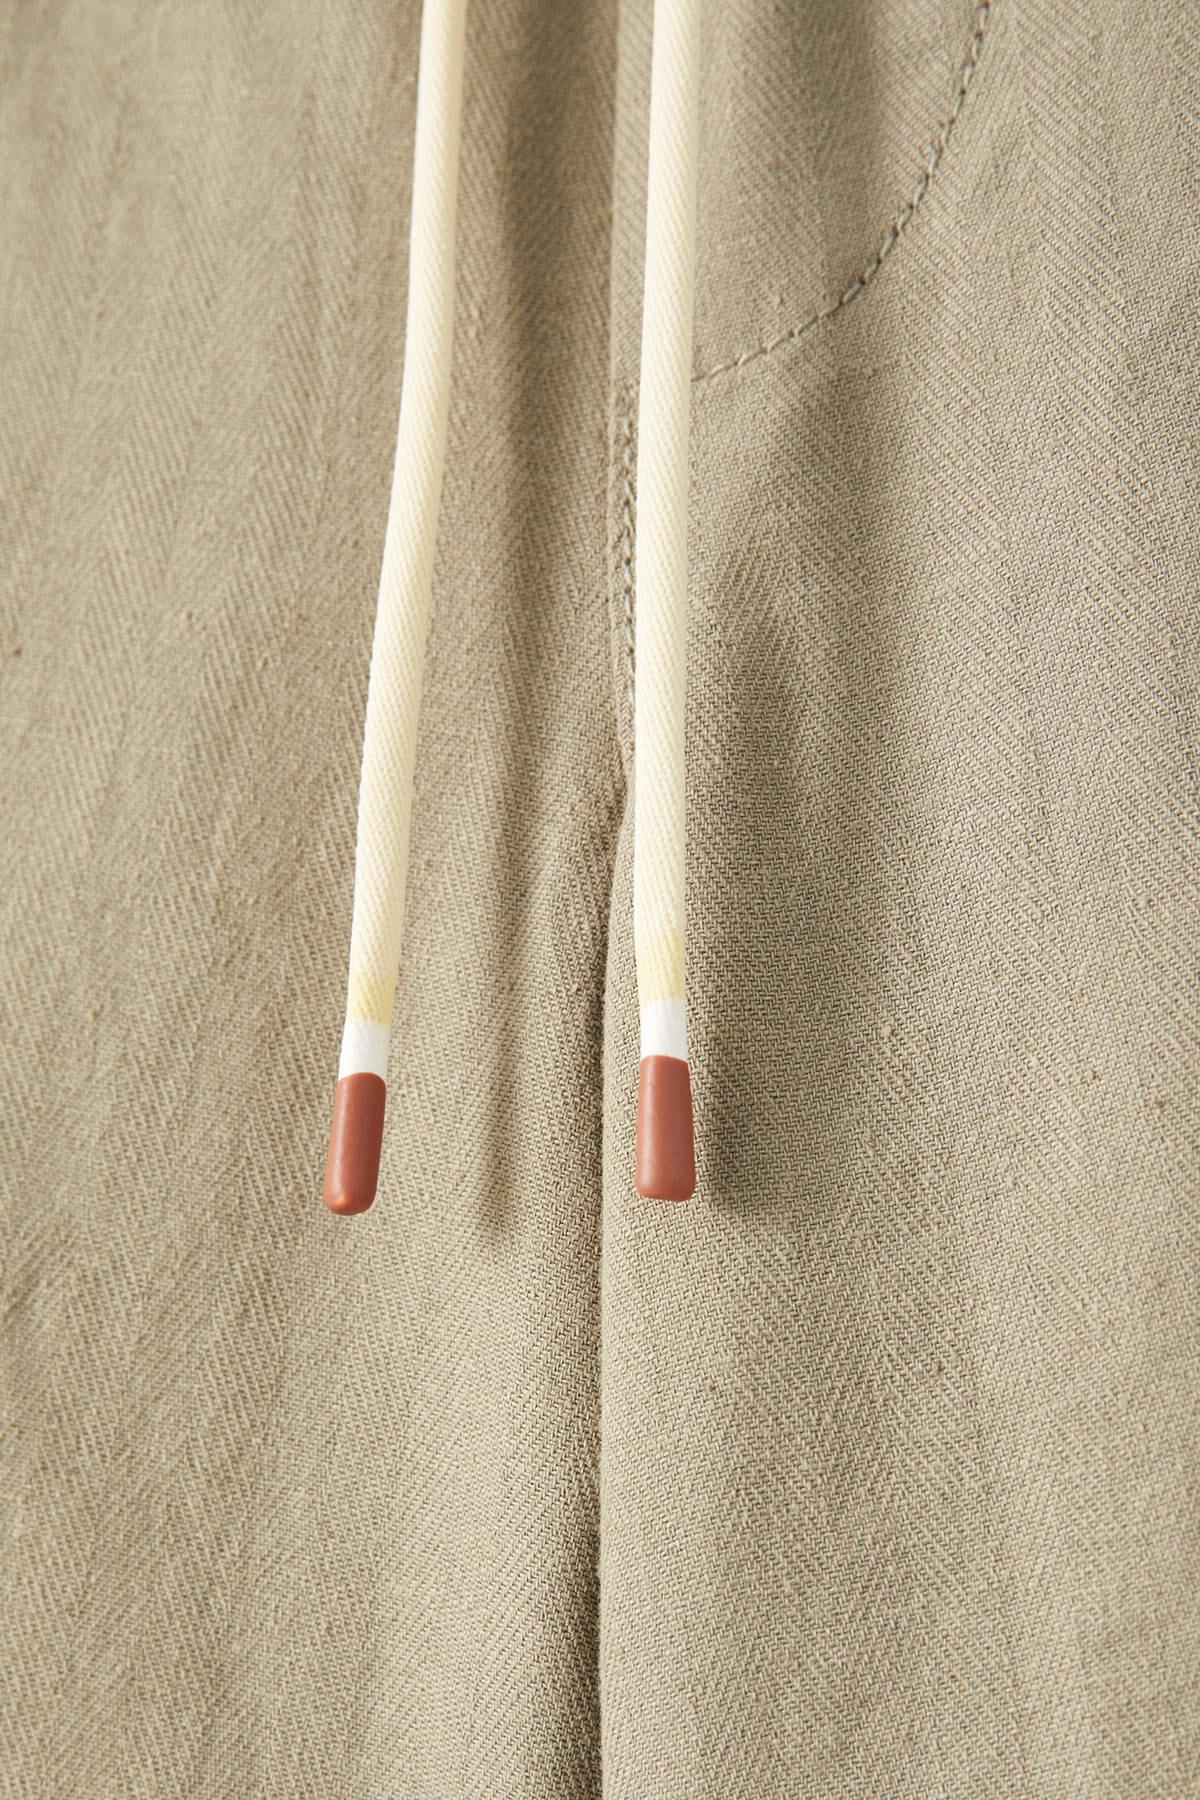 Pull & Bear Erkek Haki Keten Chino Model Bermuda 09695501 1